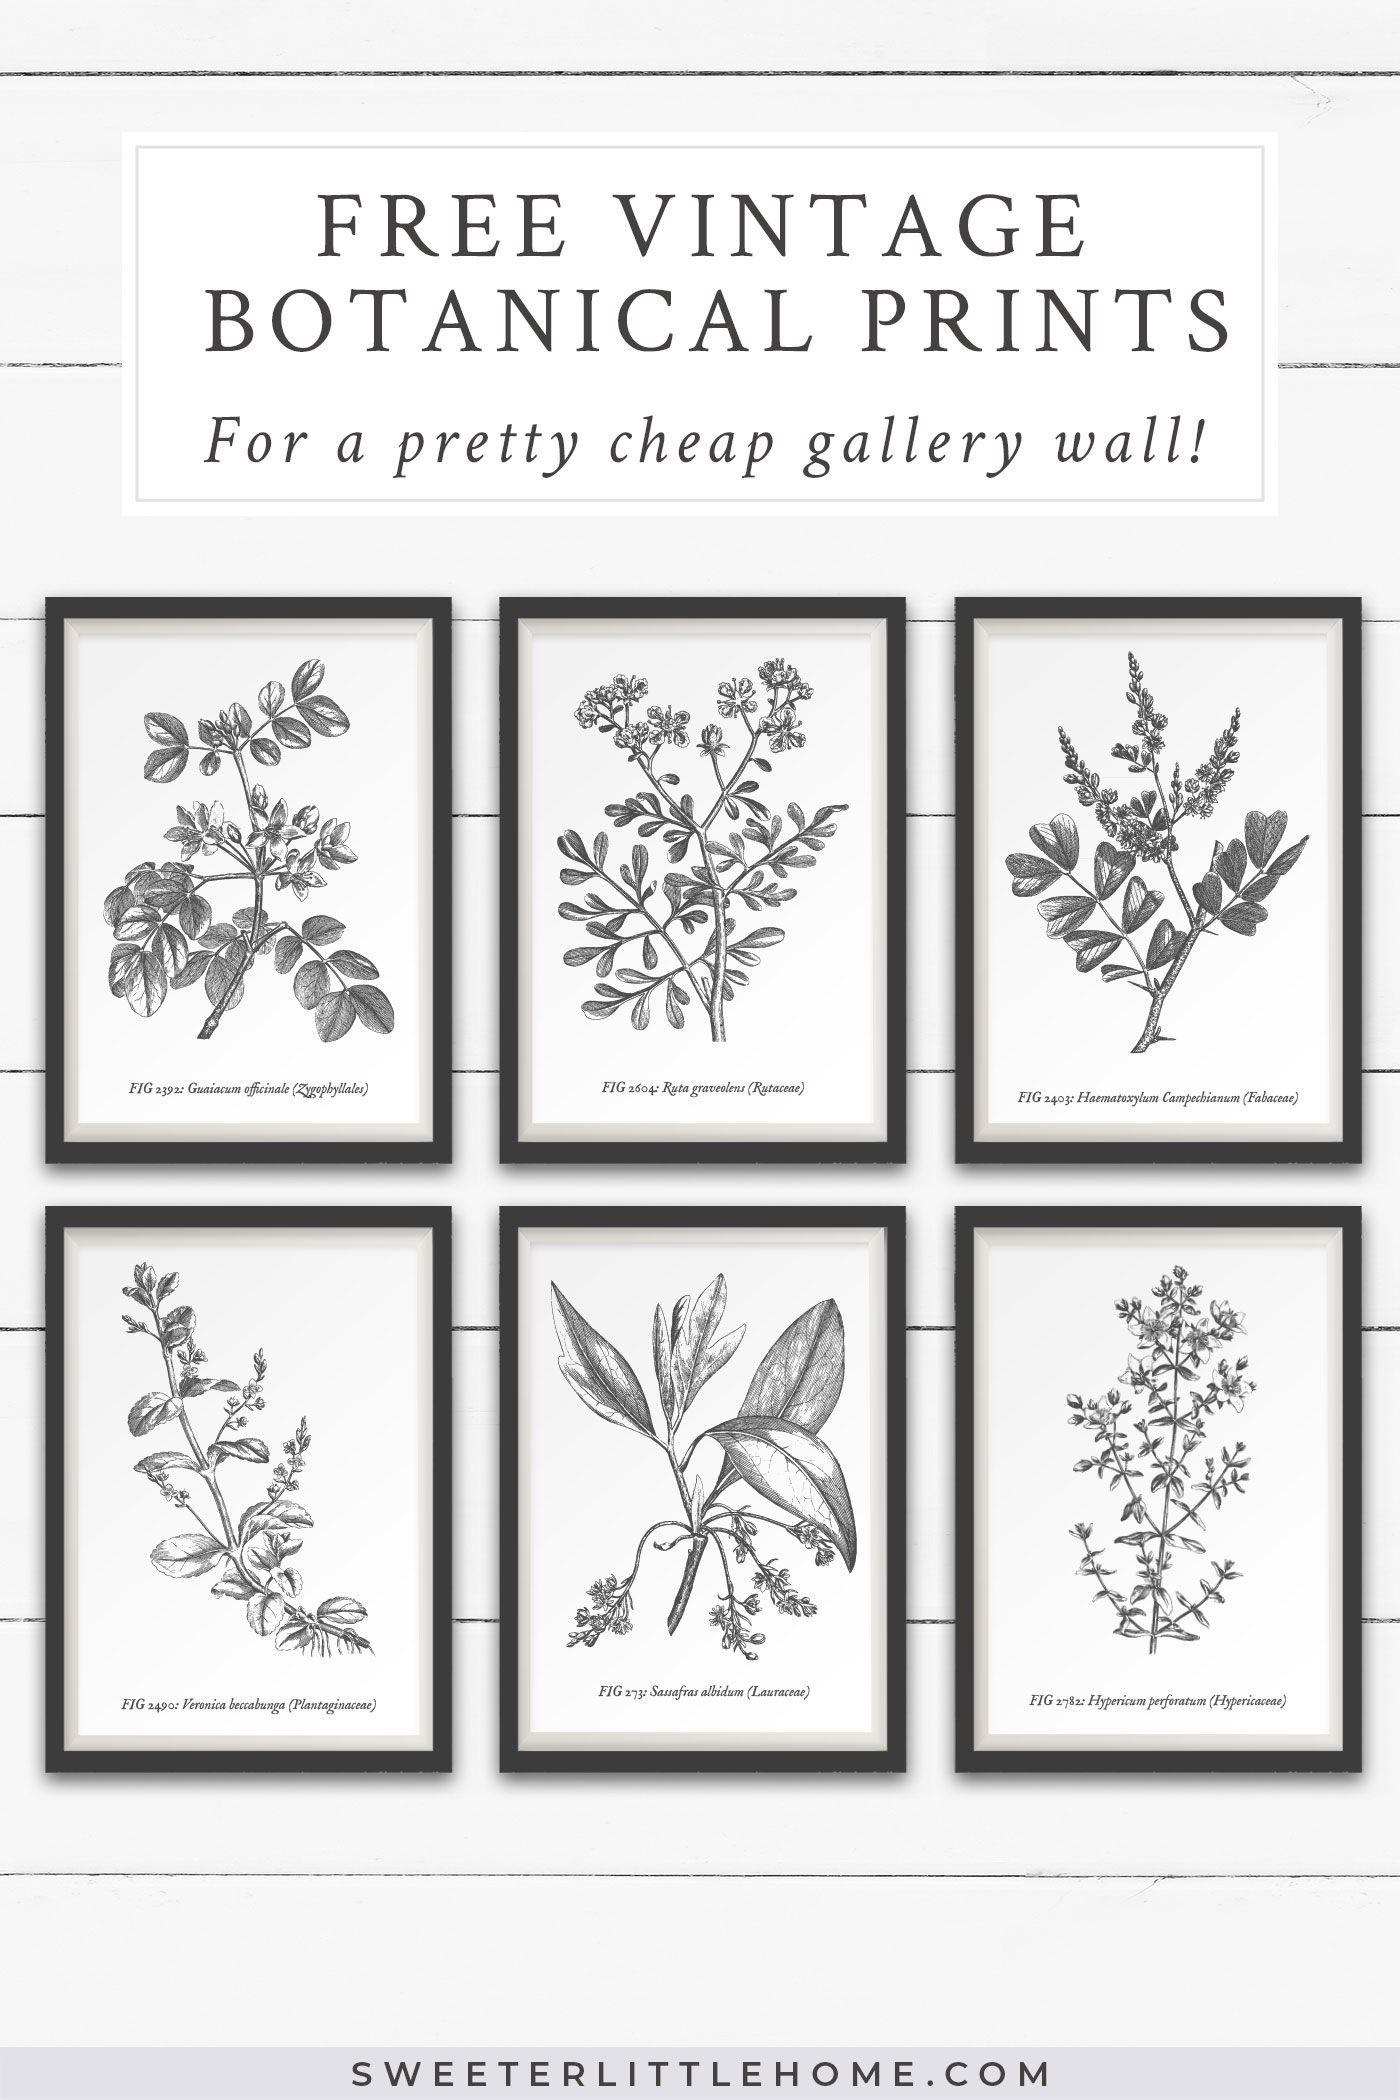 Free Vintage Botanical Prints Wall Art Free Printable Wall Art Botanical Wall Art Vintage Botanical Prints